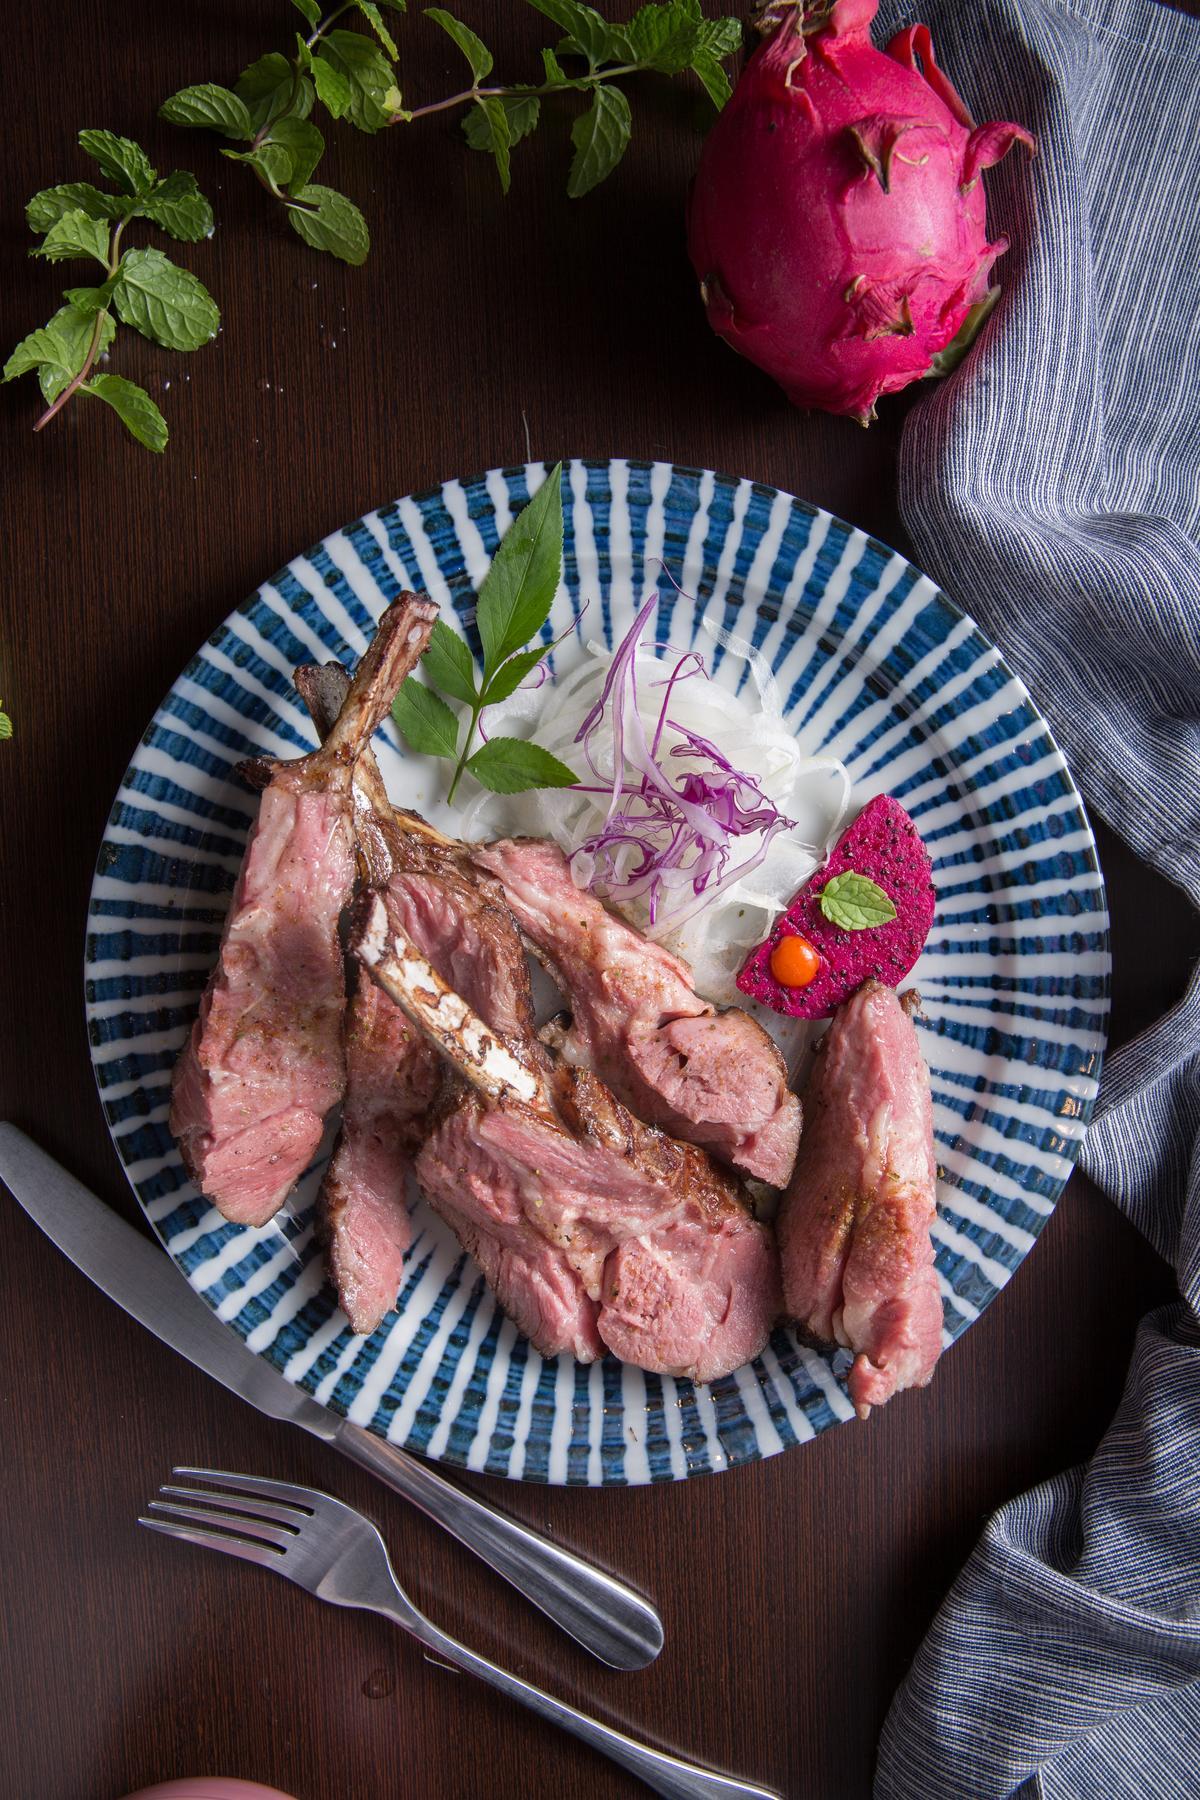 每日限3份的「舒肥羔羊排」肉質極嫩,原來是以攝氏58度調理5小時的成果。(750元/份)